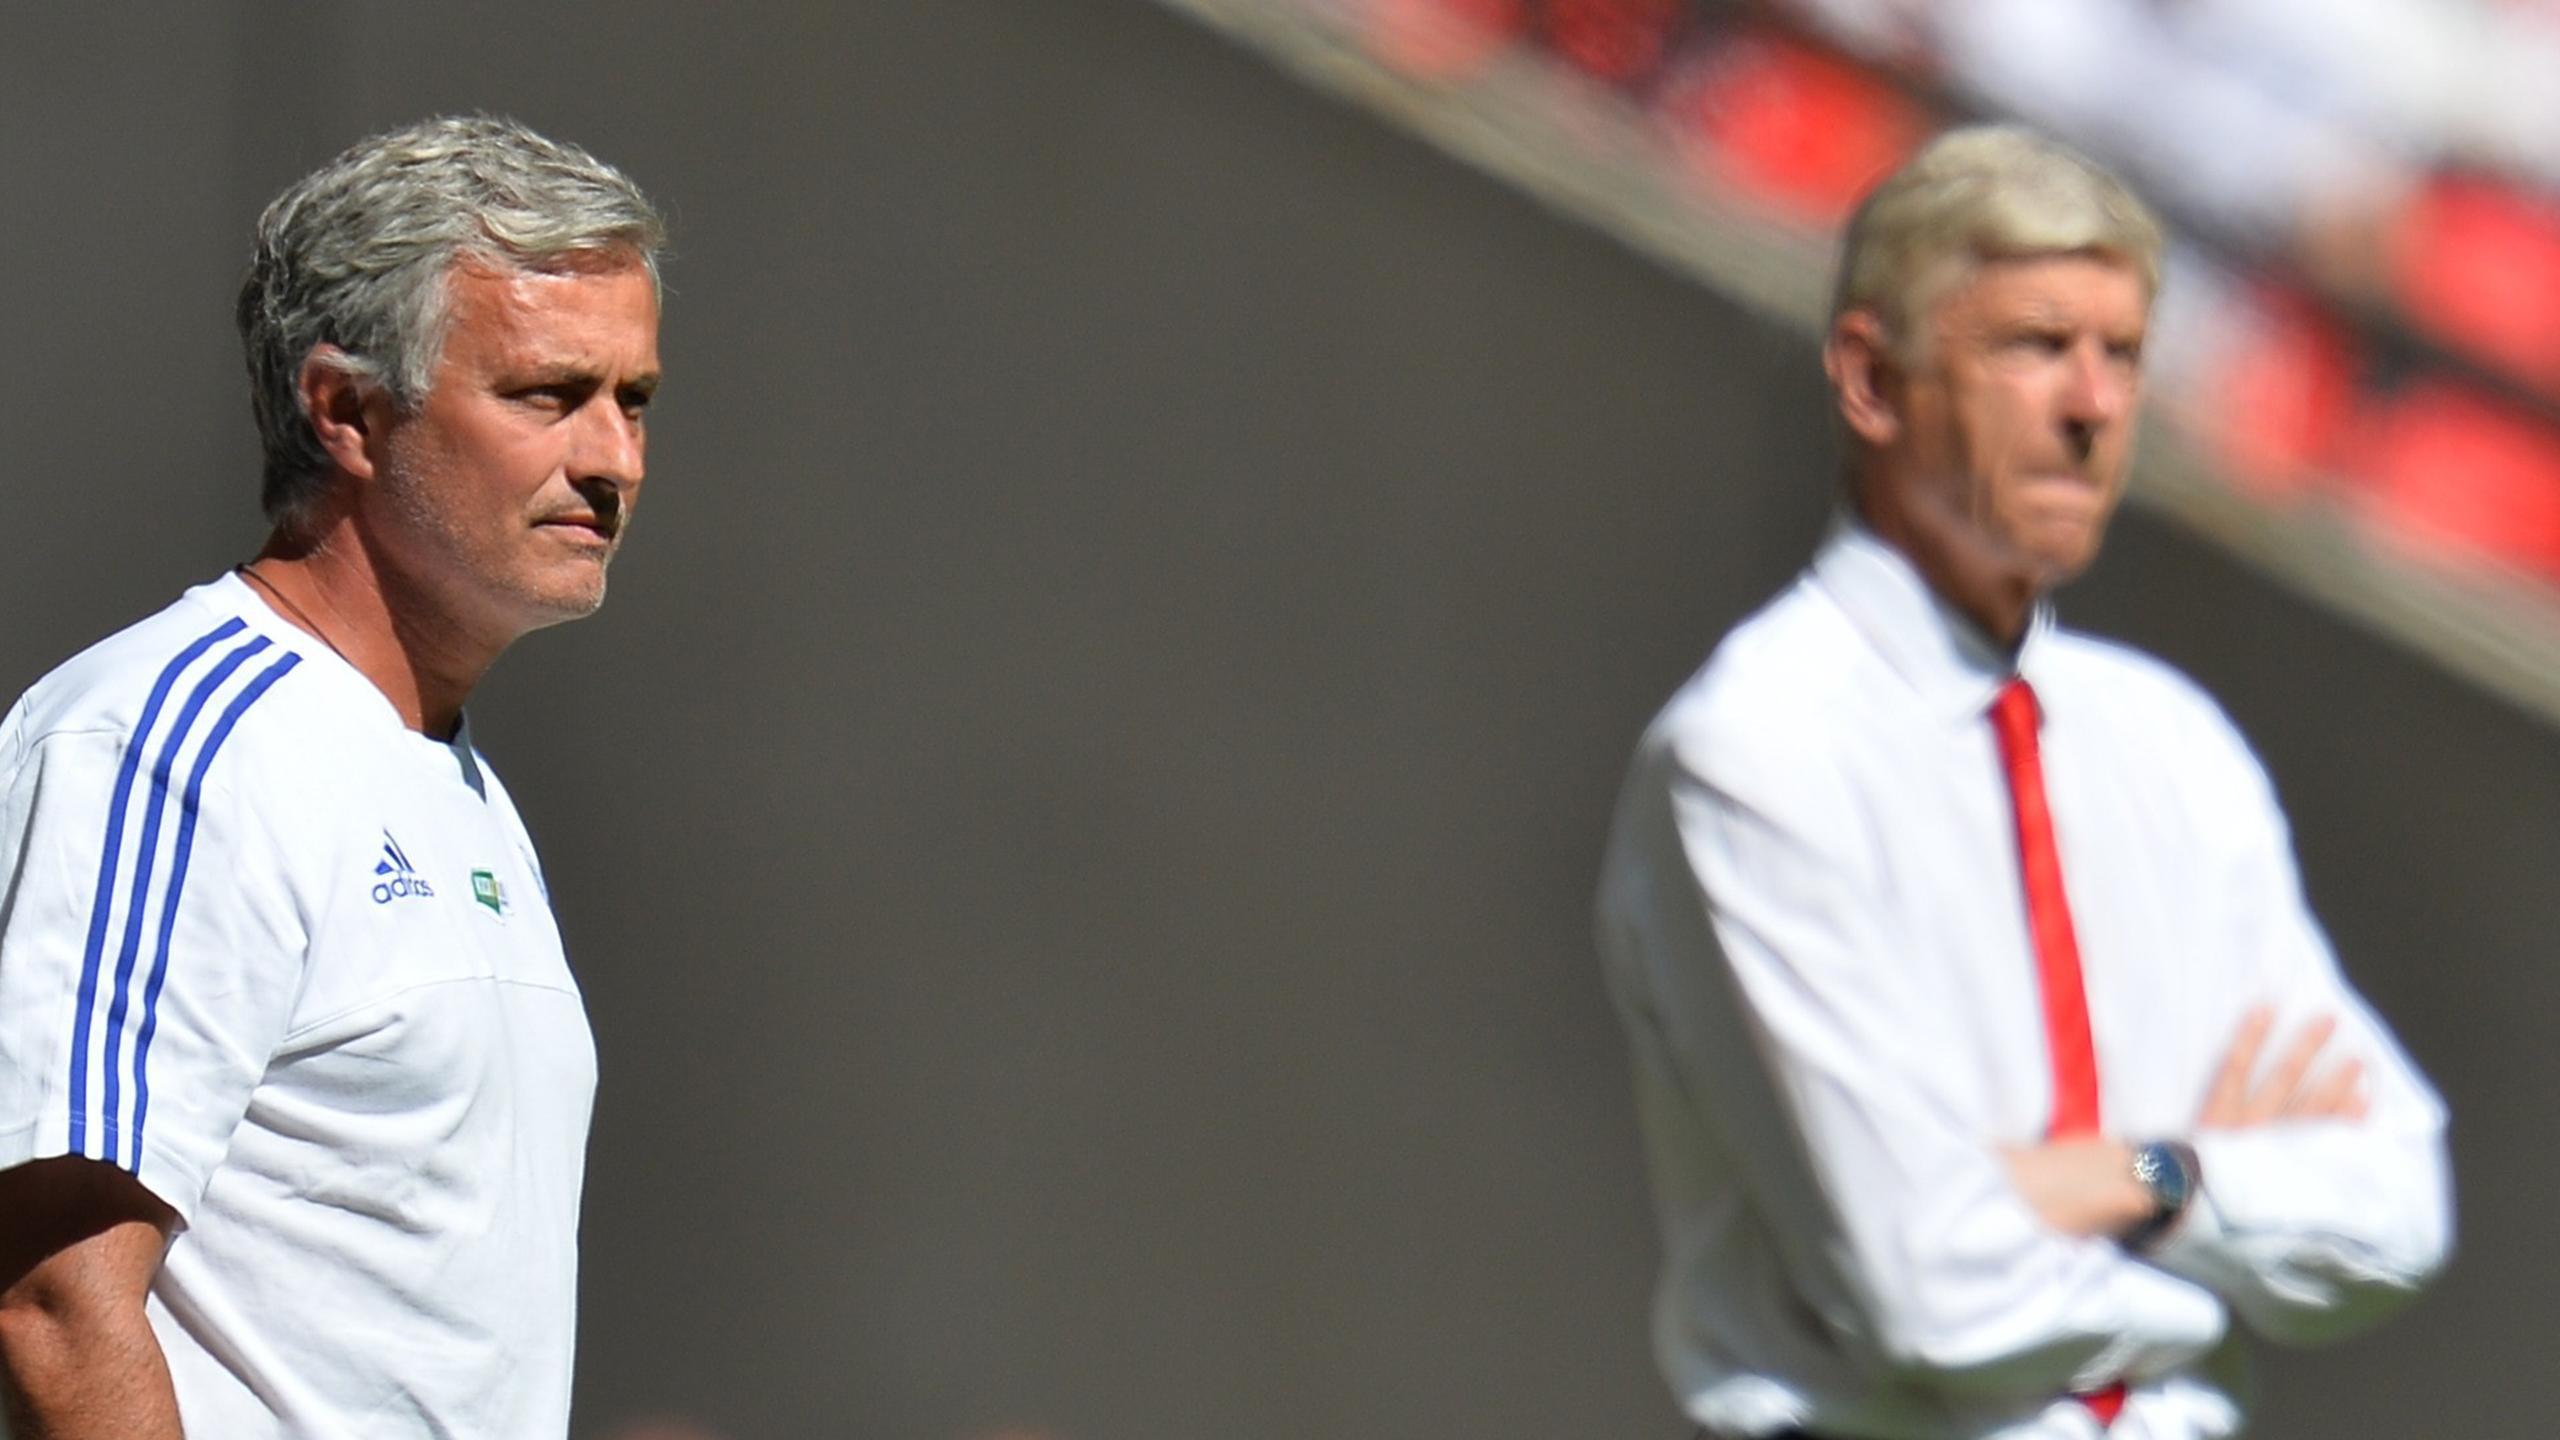 José Mourinho et Arsène Wenger à Wembley